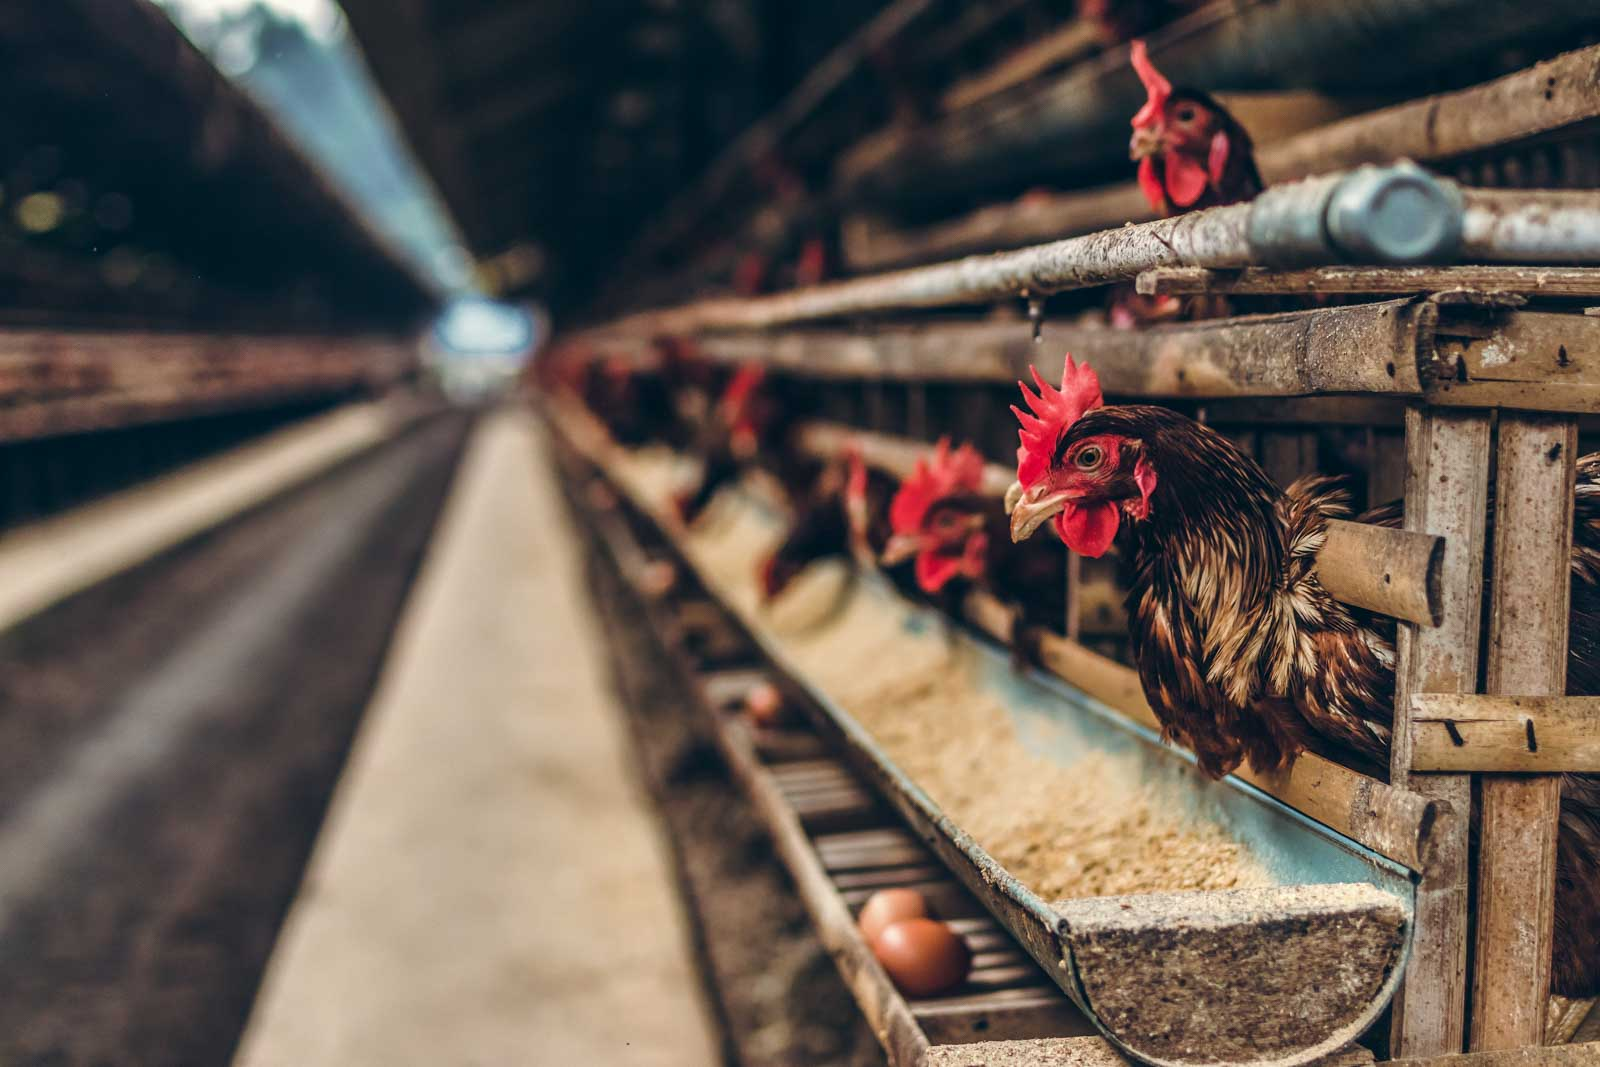 Elevage industriel de poules